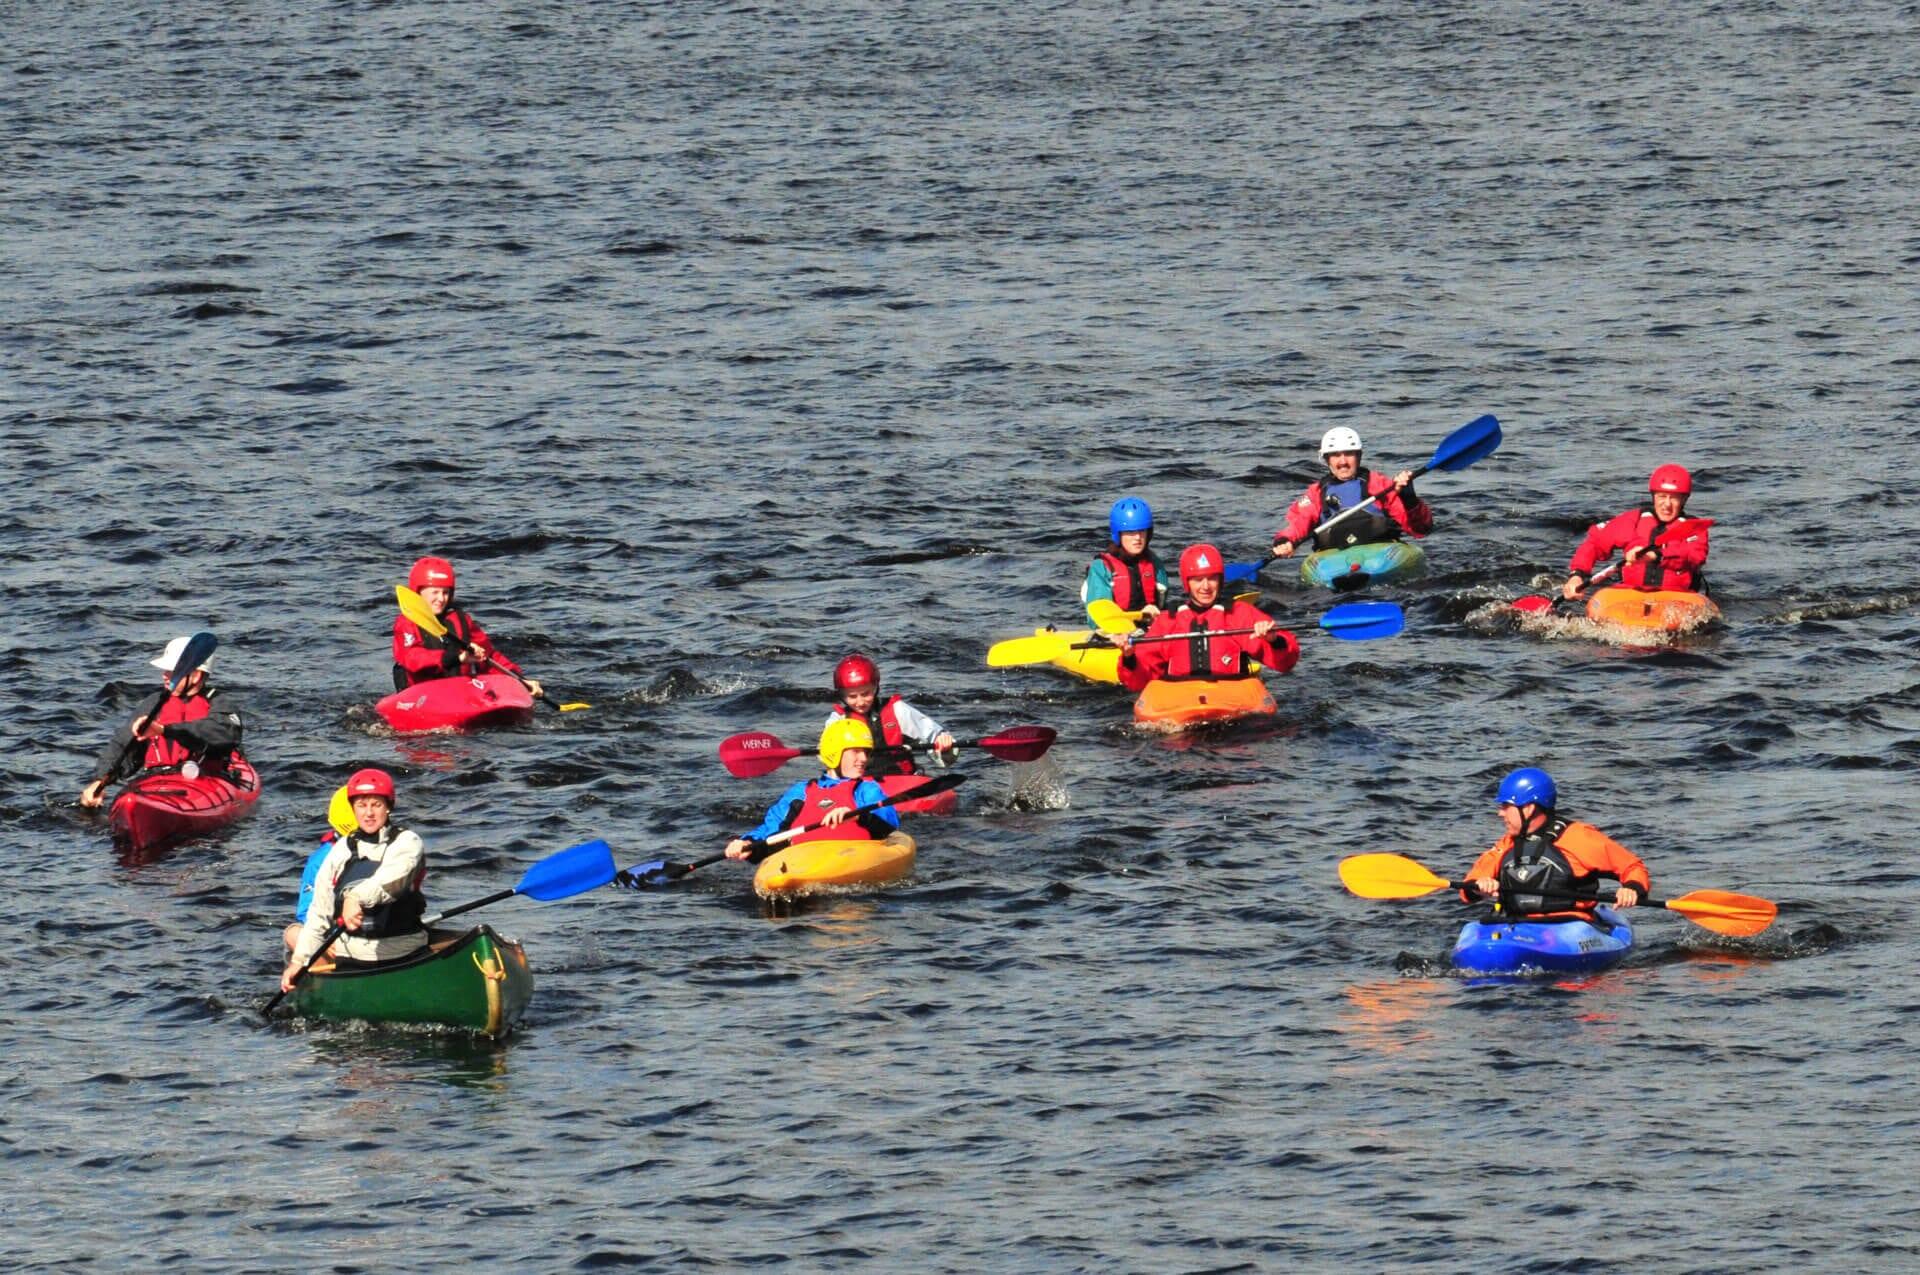 Canoeing Amp Kayaking Tees Barrage International White Water